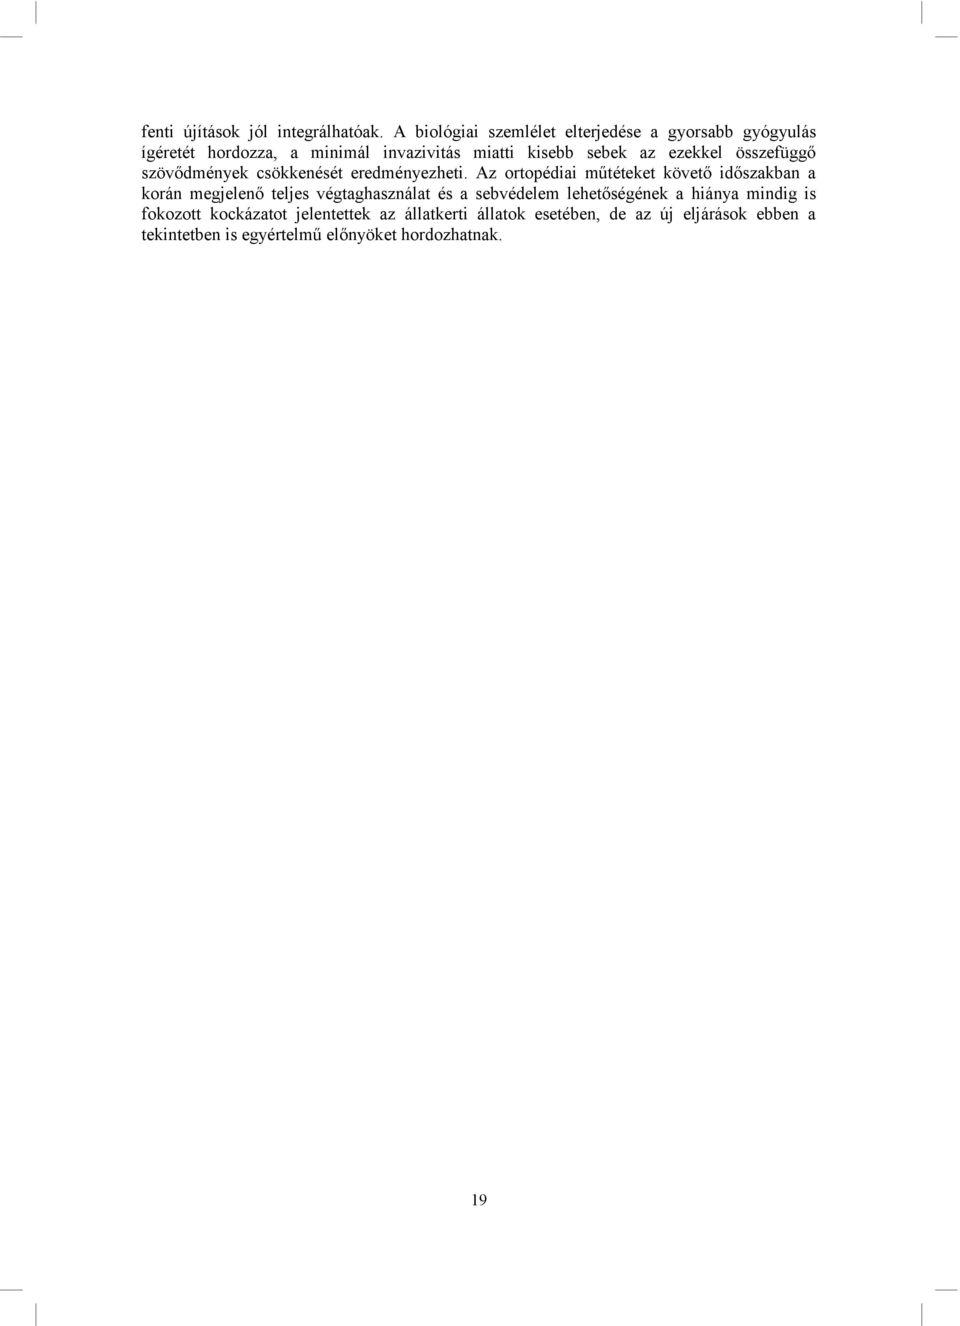 helminth tojások ciszták protozoa cal giardia cryptosporidium ag stool